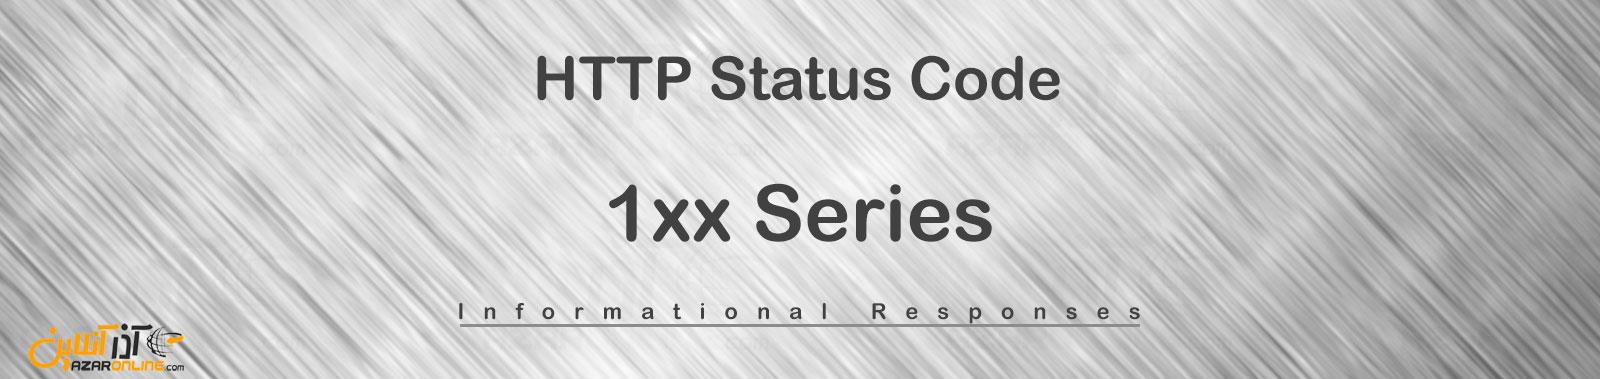 لیست کدهای وضعیت HTTP - سری 1xx